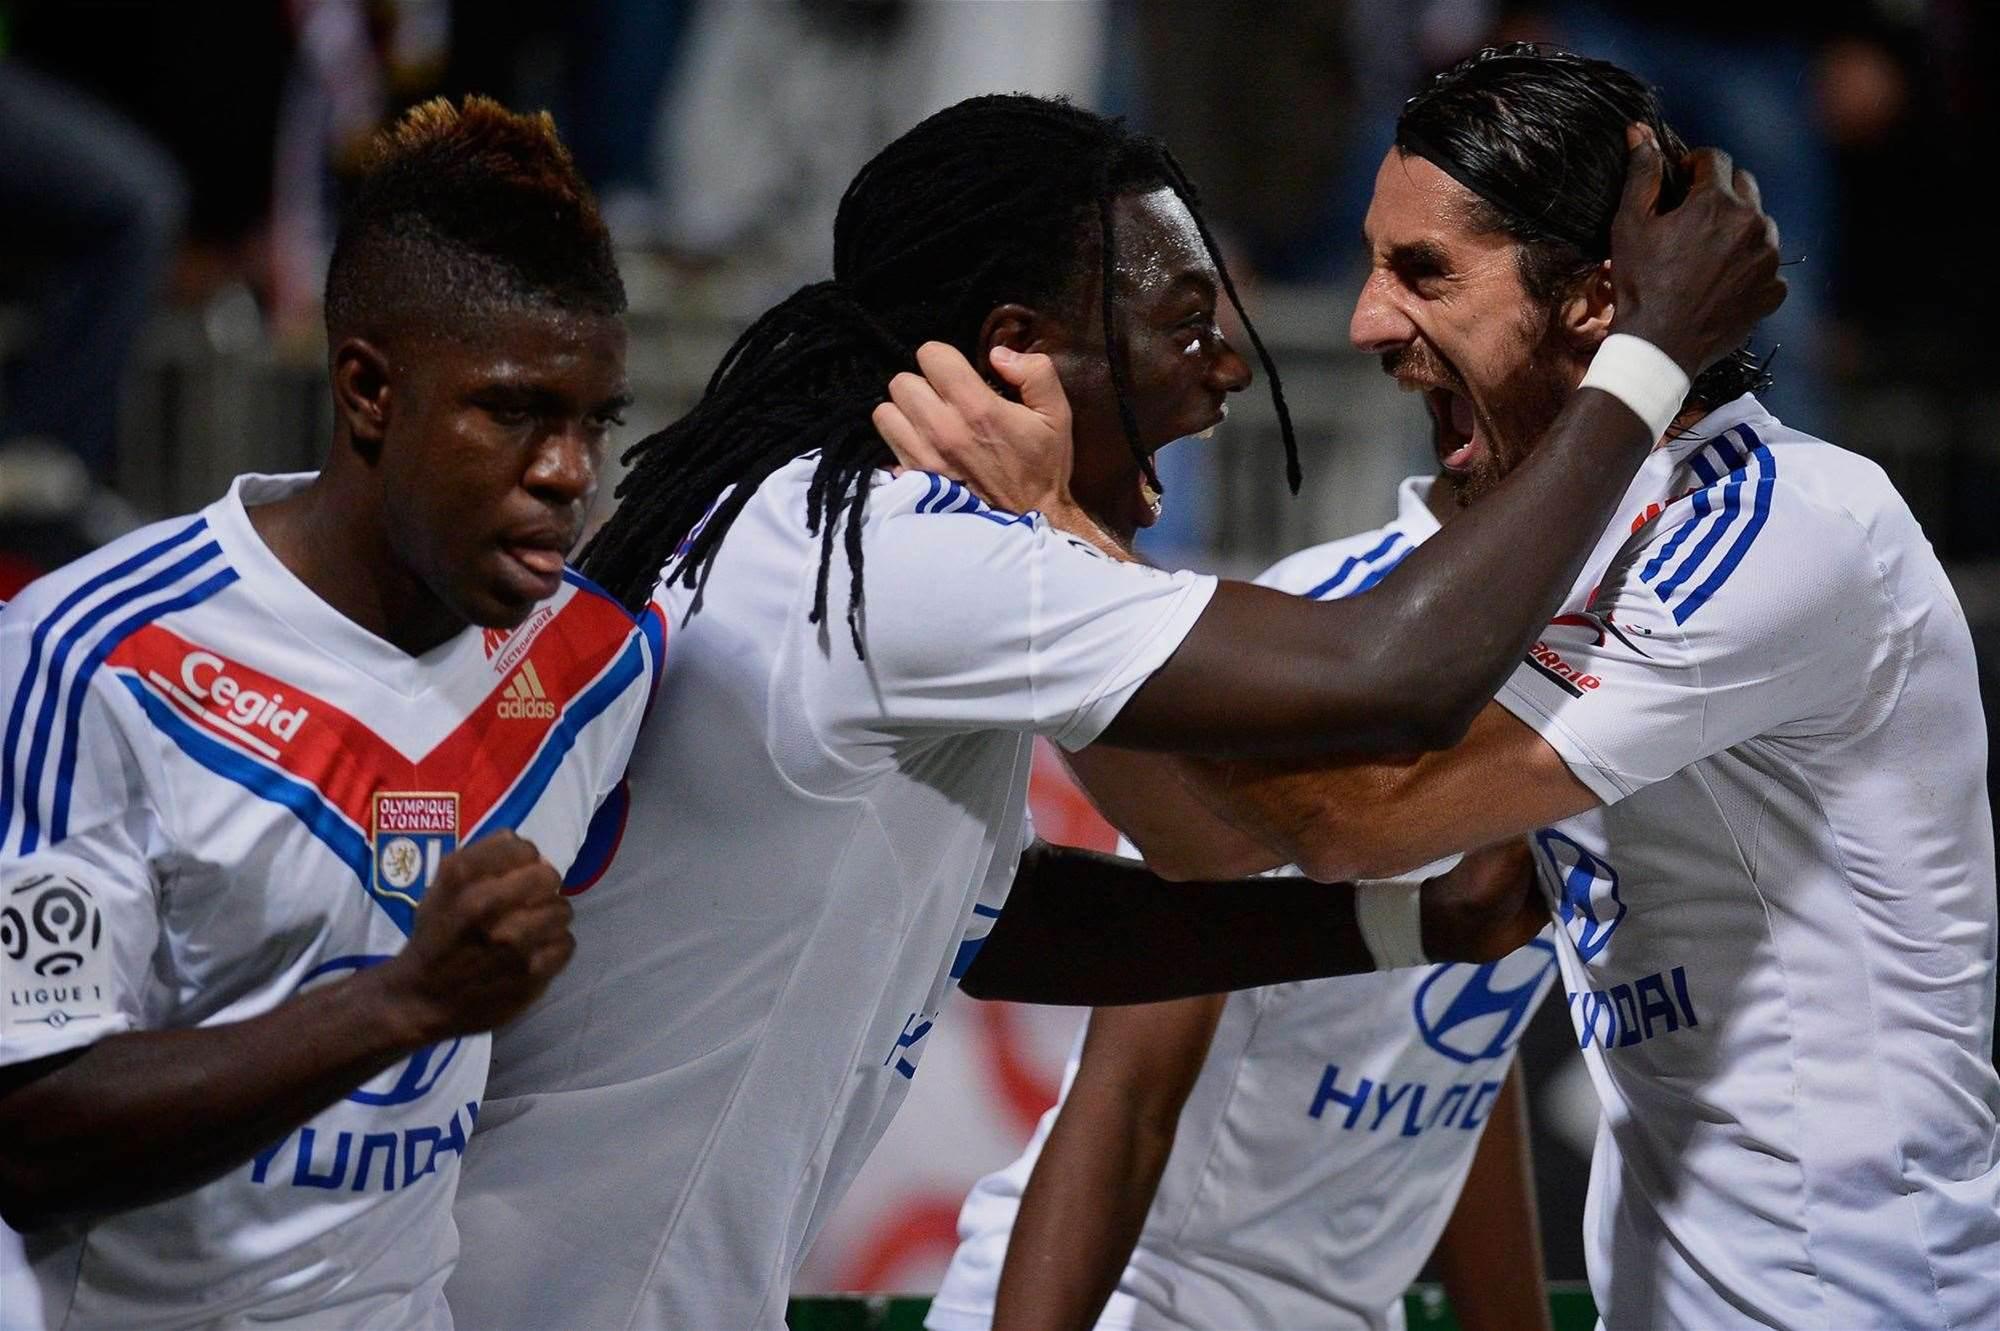 Ligue 1 Wrap: Lyon end winless run